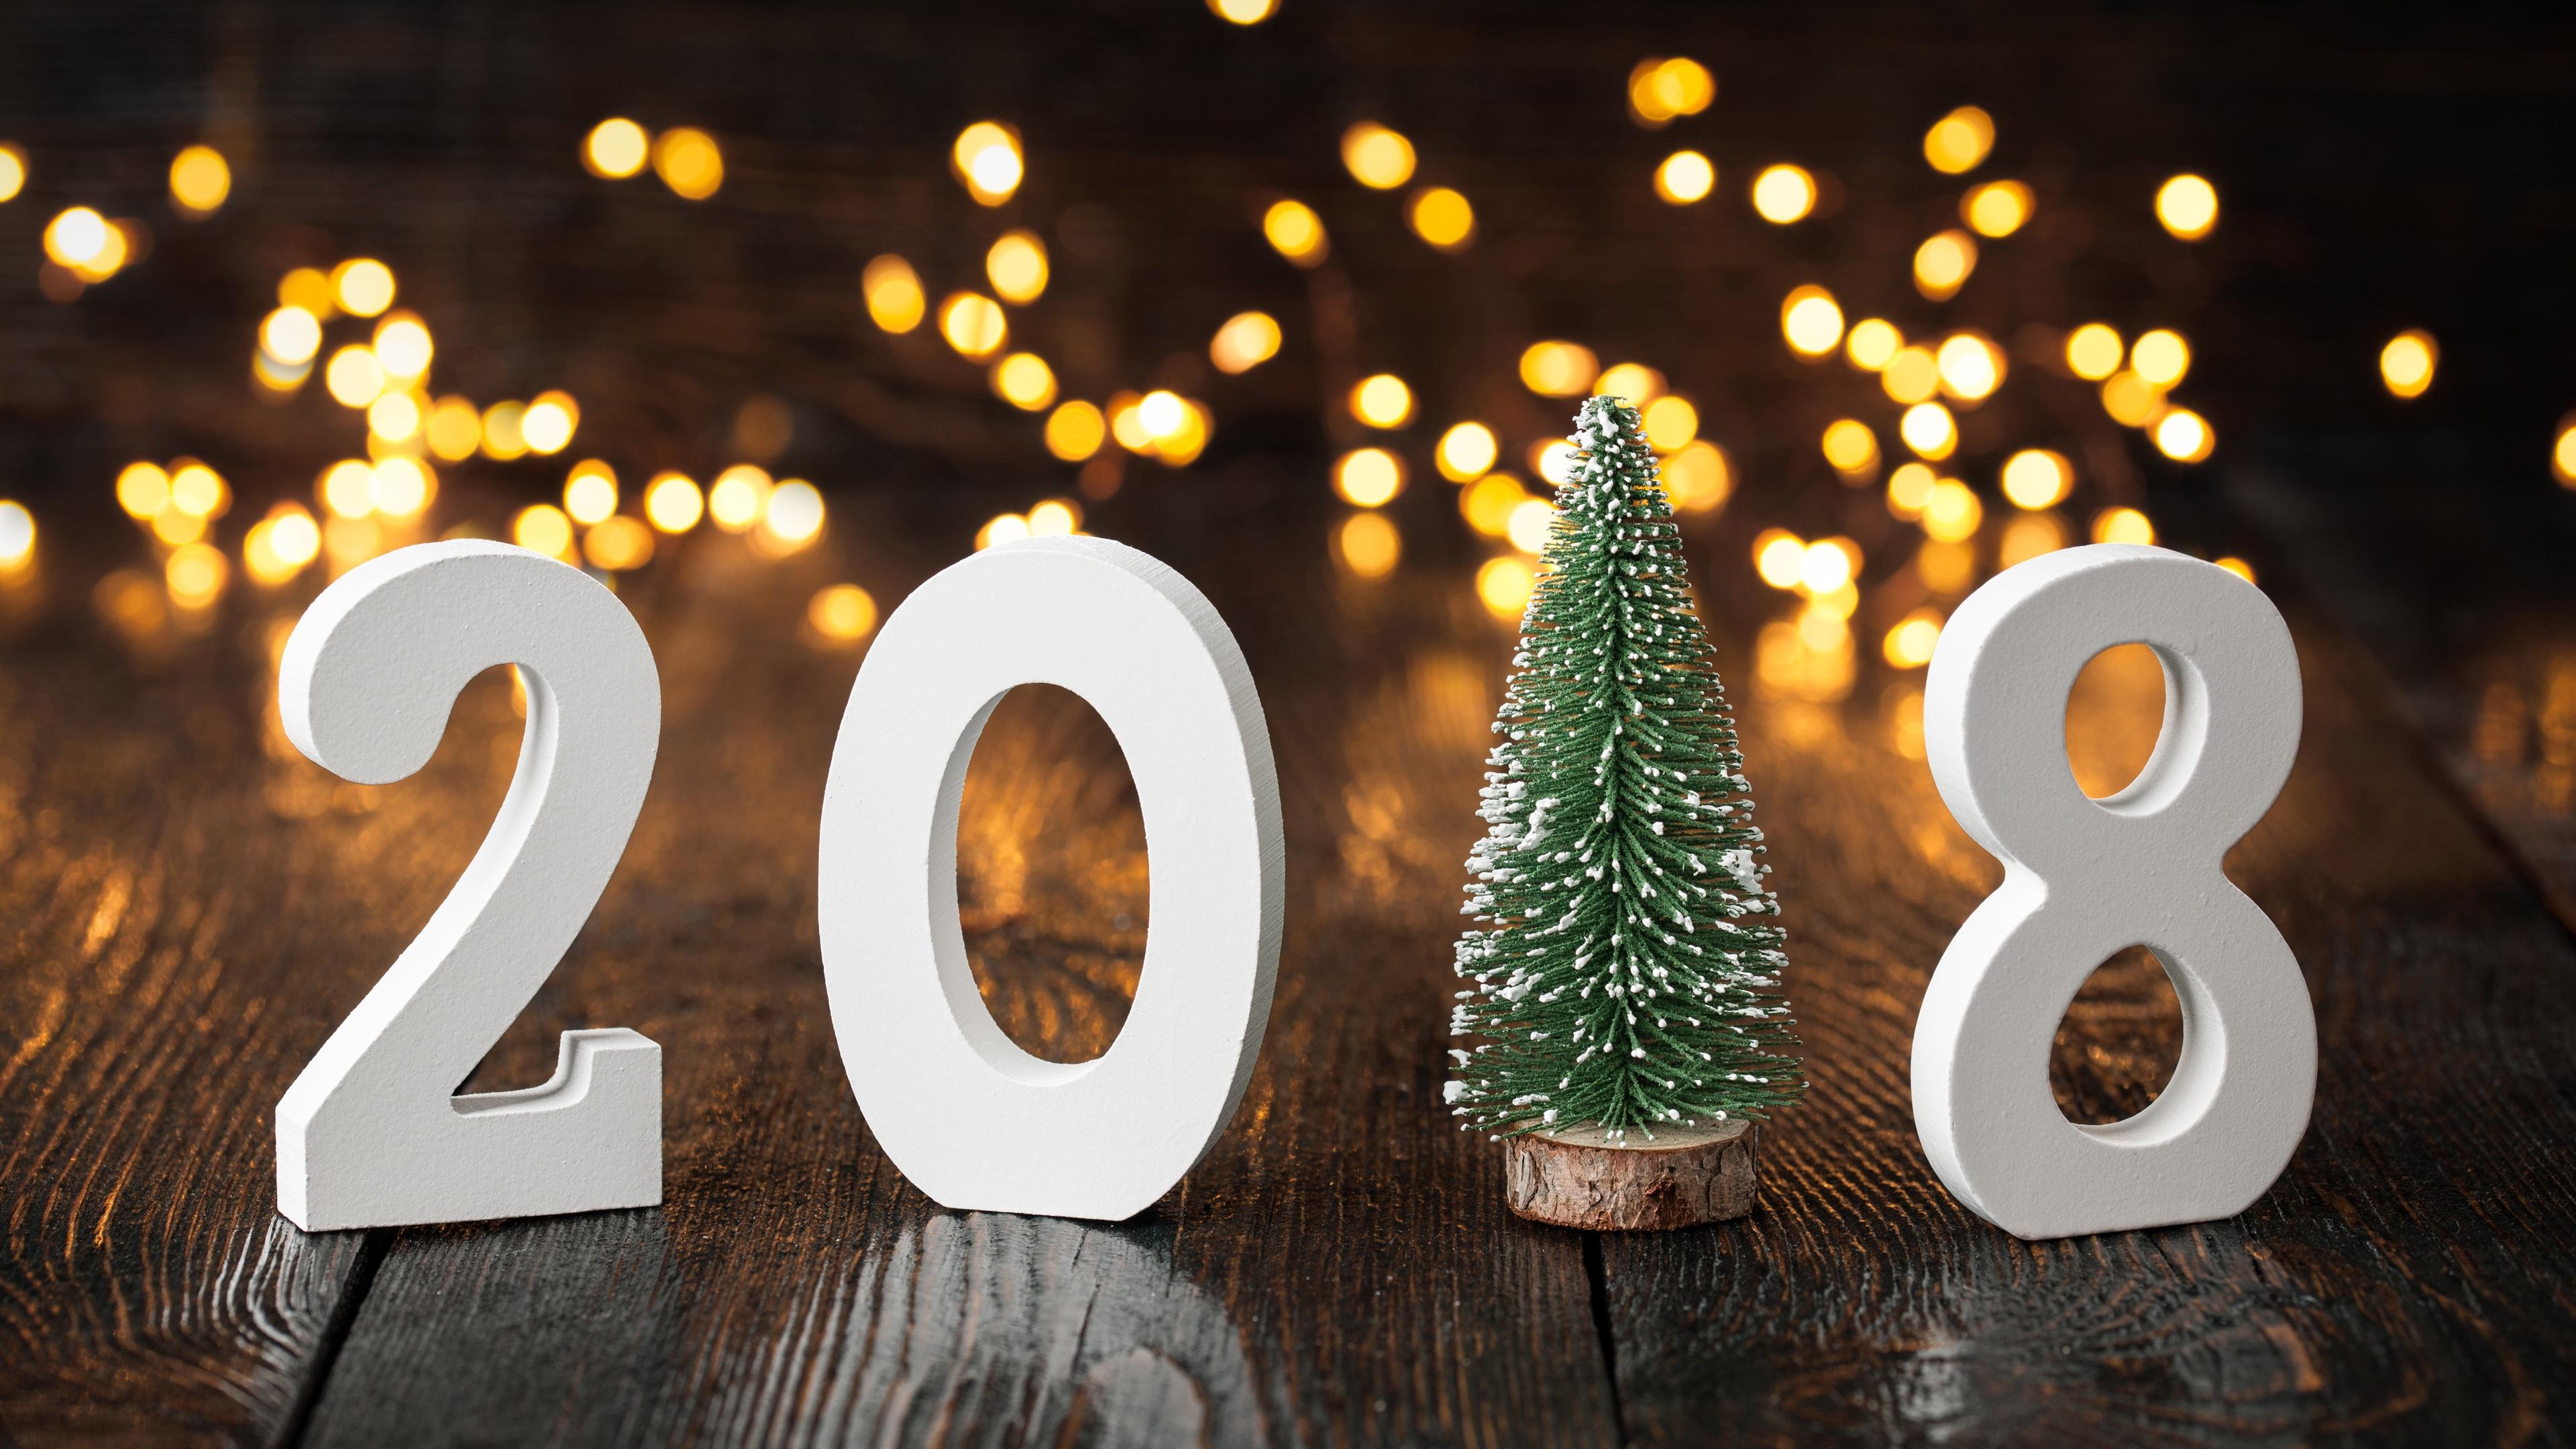 noel 2018 fond d\\\'écran Arbre De Noël 2018   Sitapati noel 2018 fond d\\\'écran